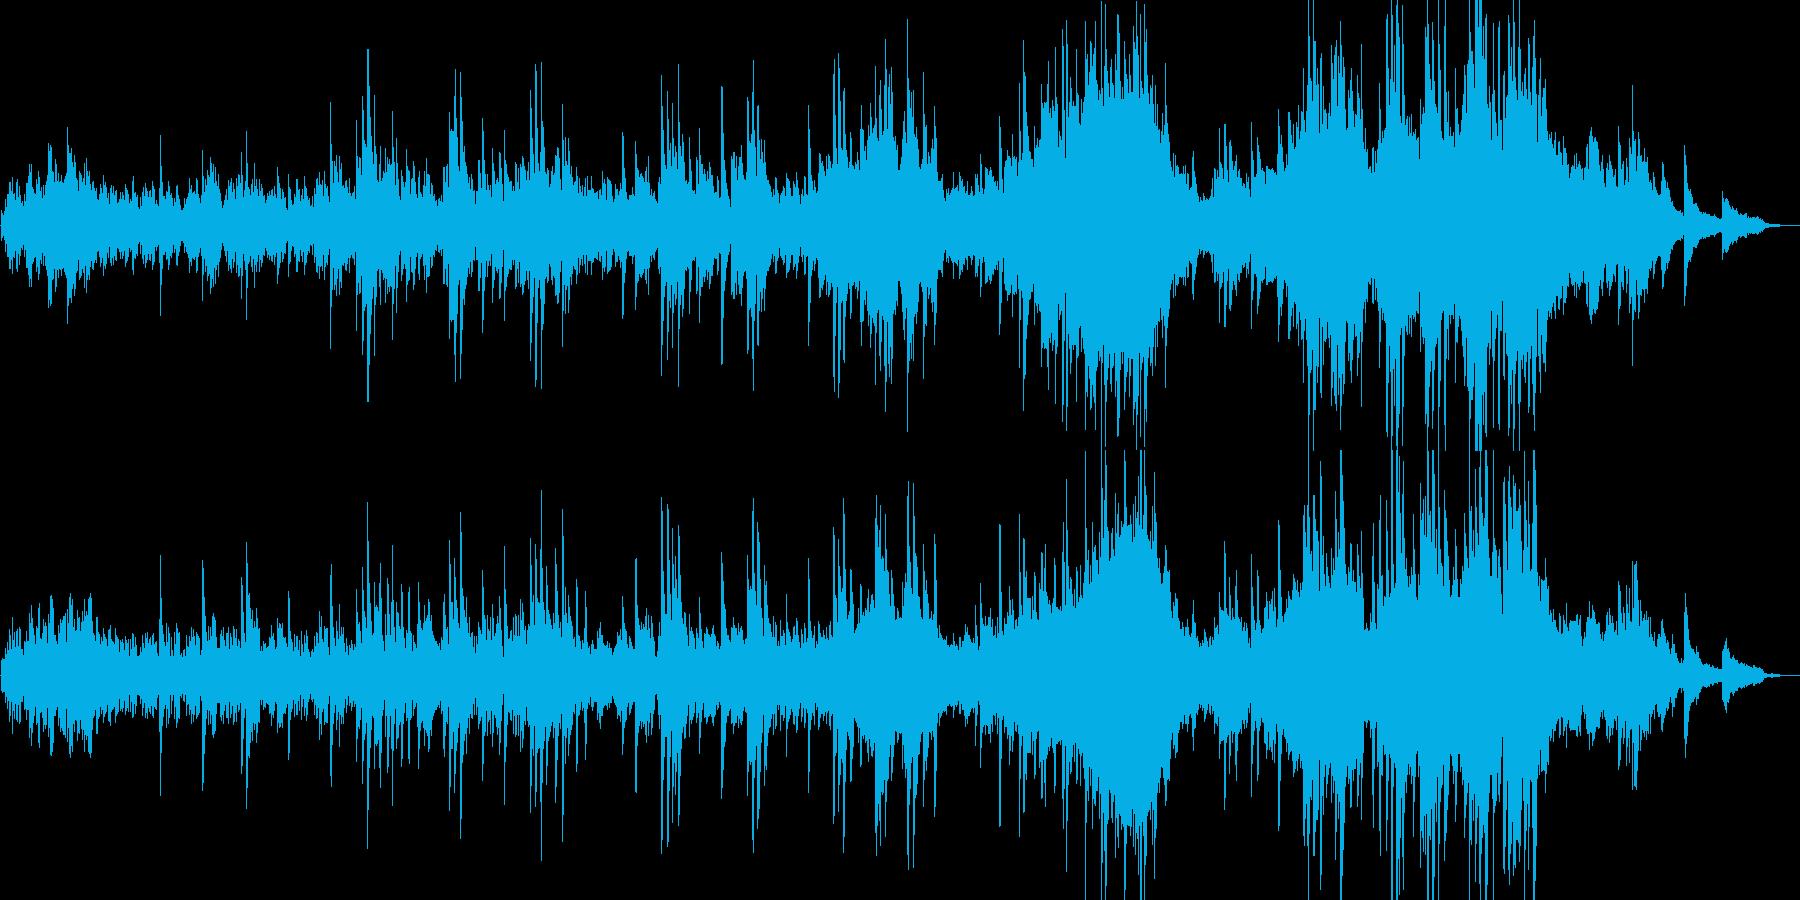 【ピアノソロ演奏】アヴェ・マリアの再生済みの波形